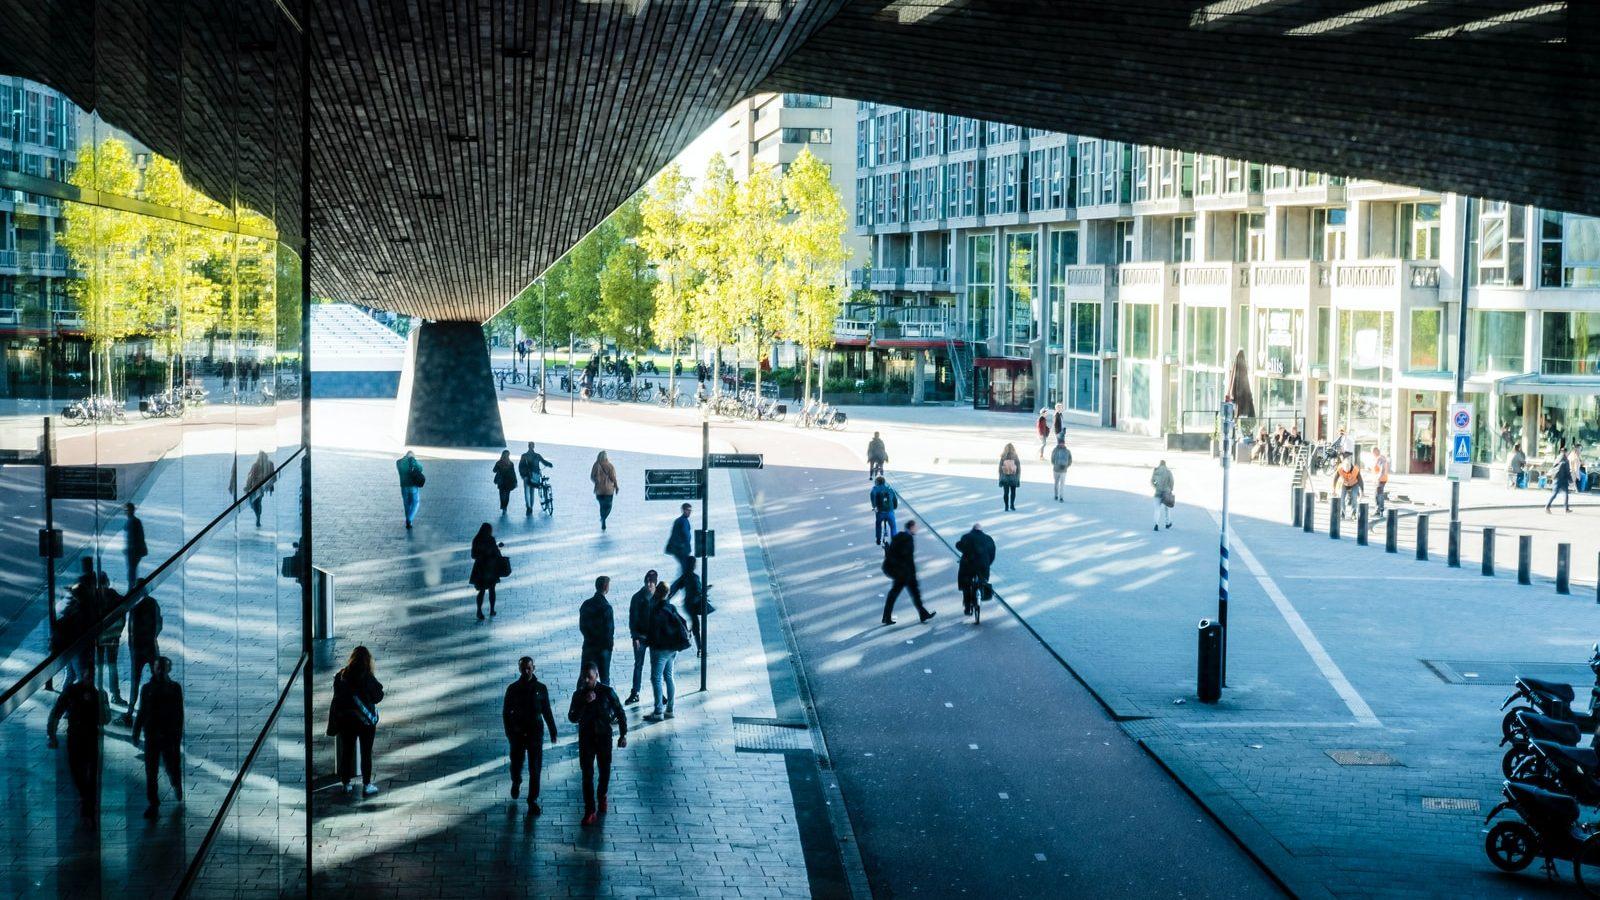 people walking near building during daytime